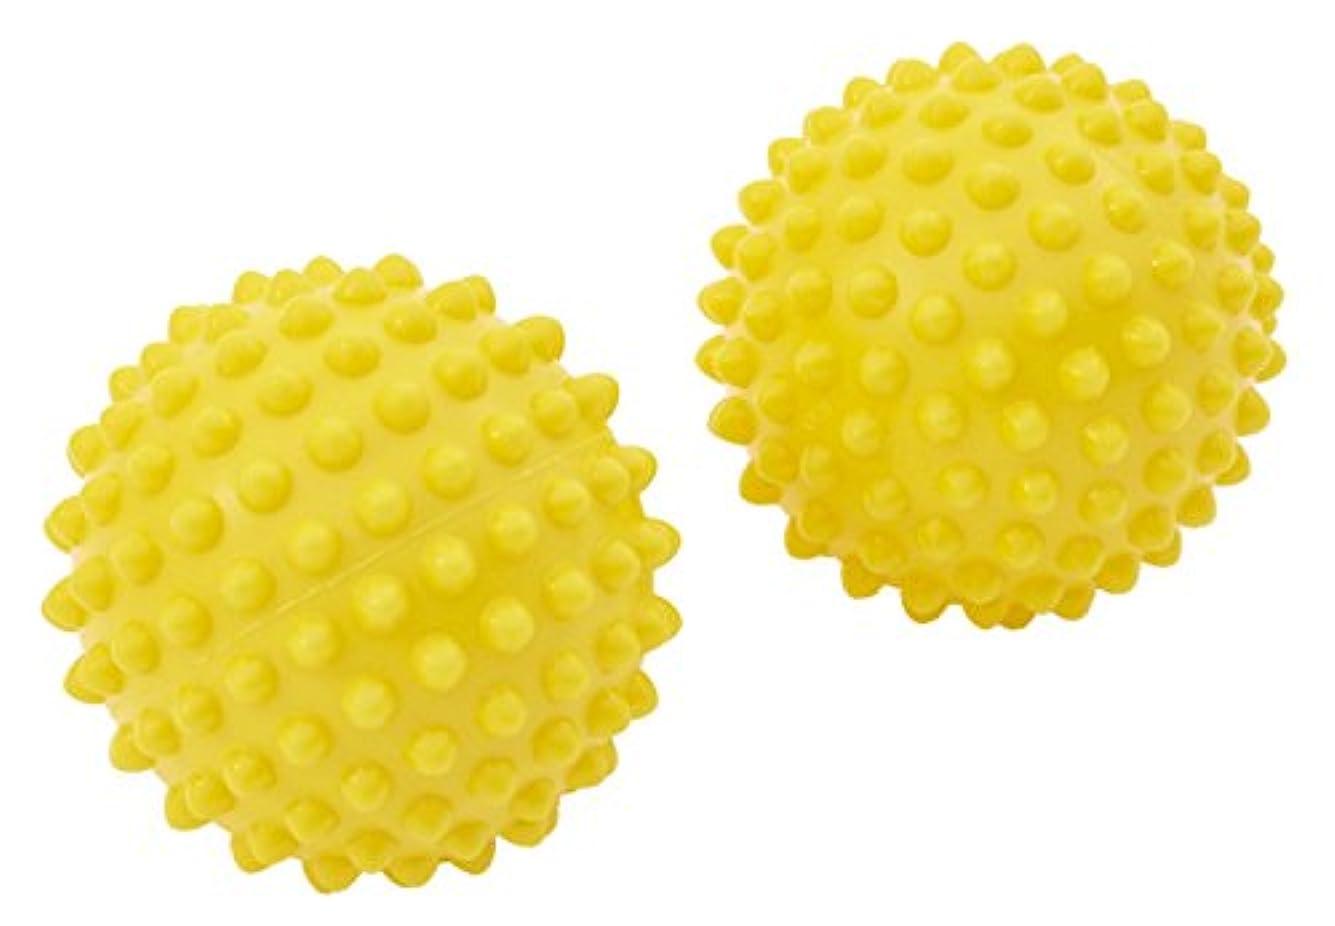 パトワ押す戦うダンノ(DANNO) リハビリ マッサージ用 触覚ボール リフレクションボール